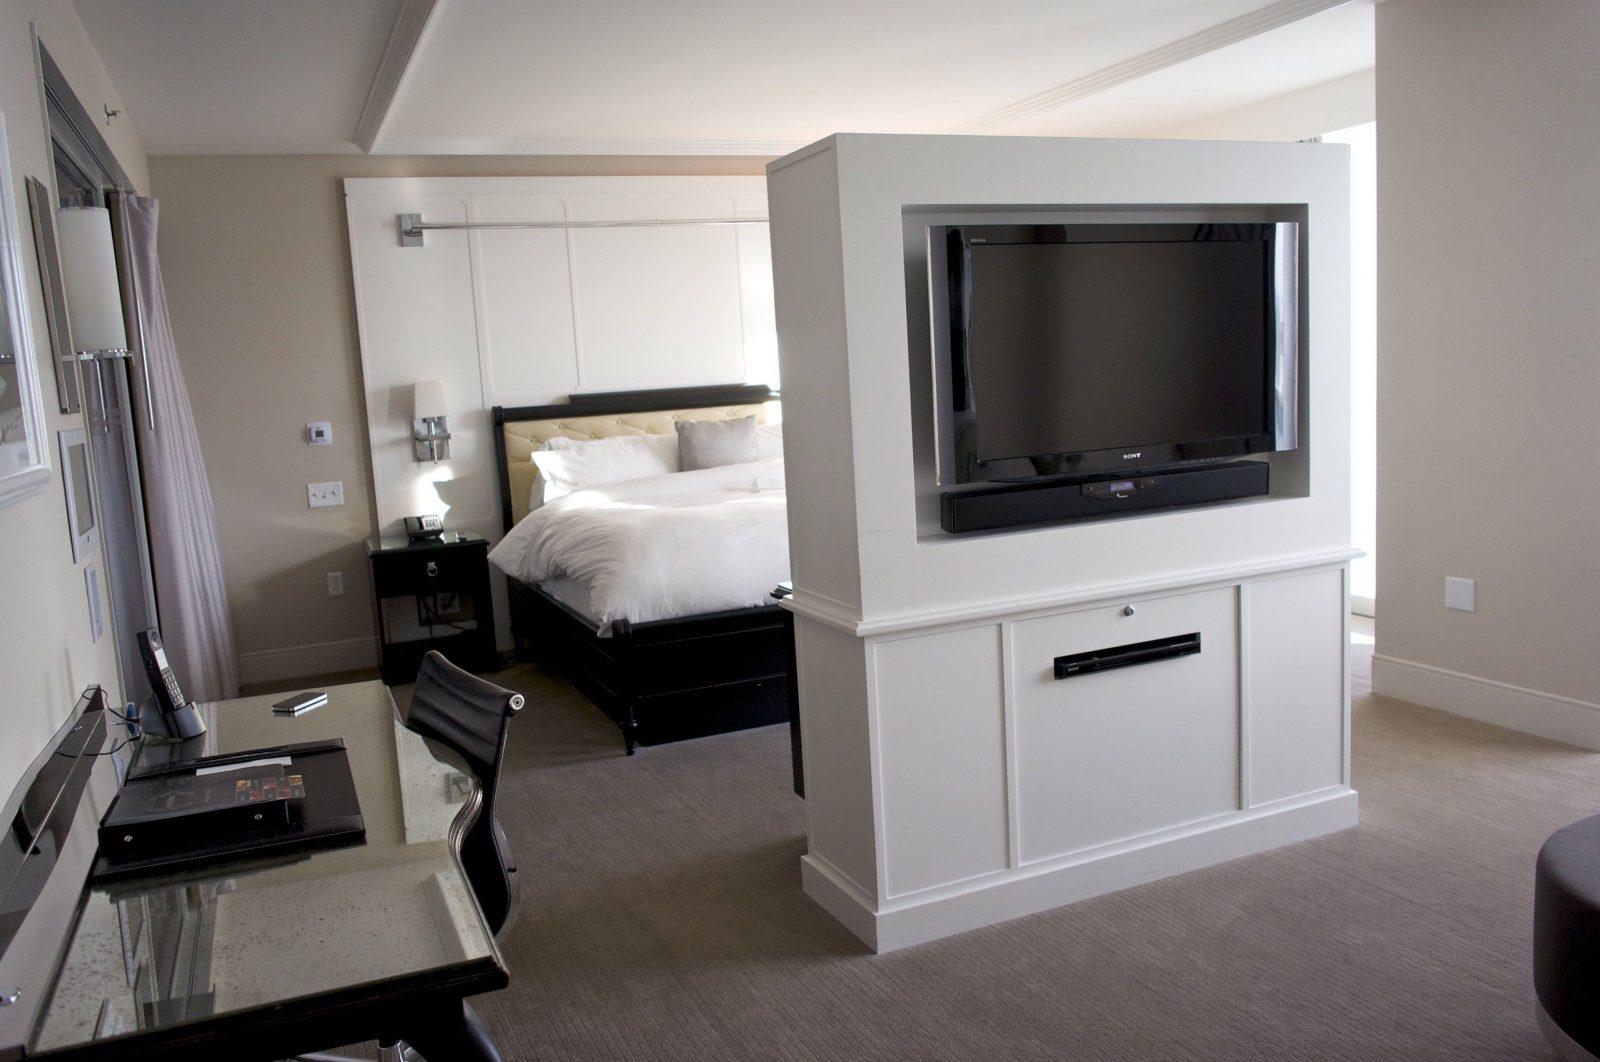 Fabelhafte Bett Im Wohnzimmer Verstecken Tv Verstecken Simple Cool von Fernseher Im Wohnzimmer Verstecken Photo